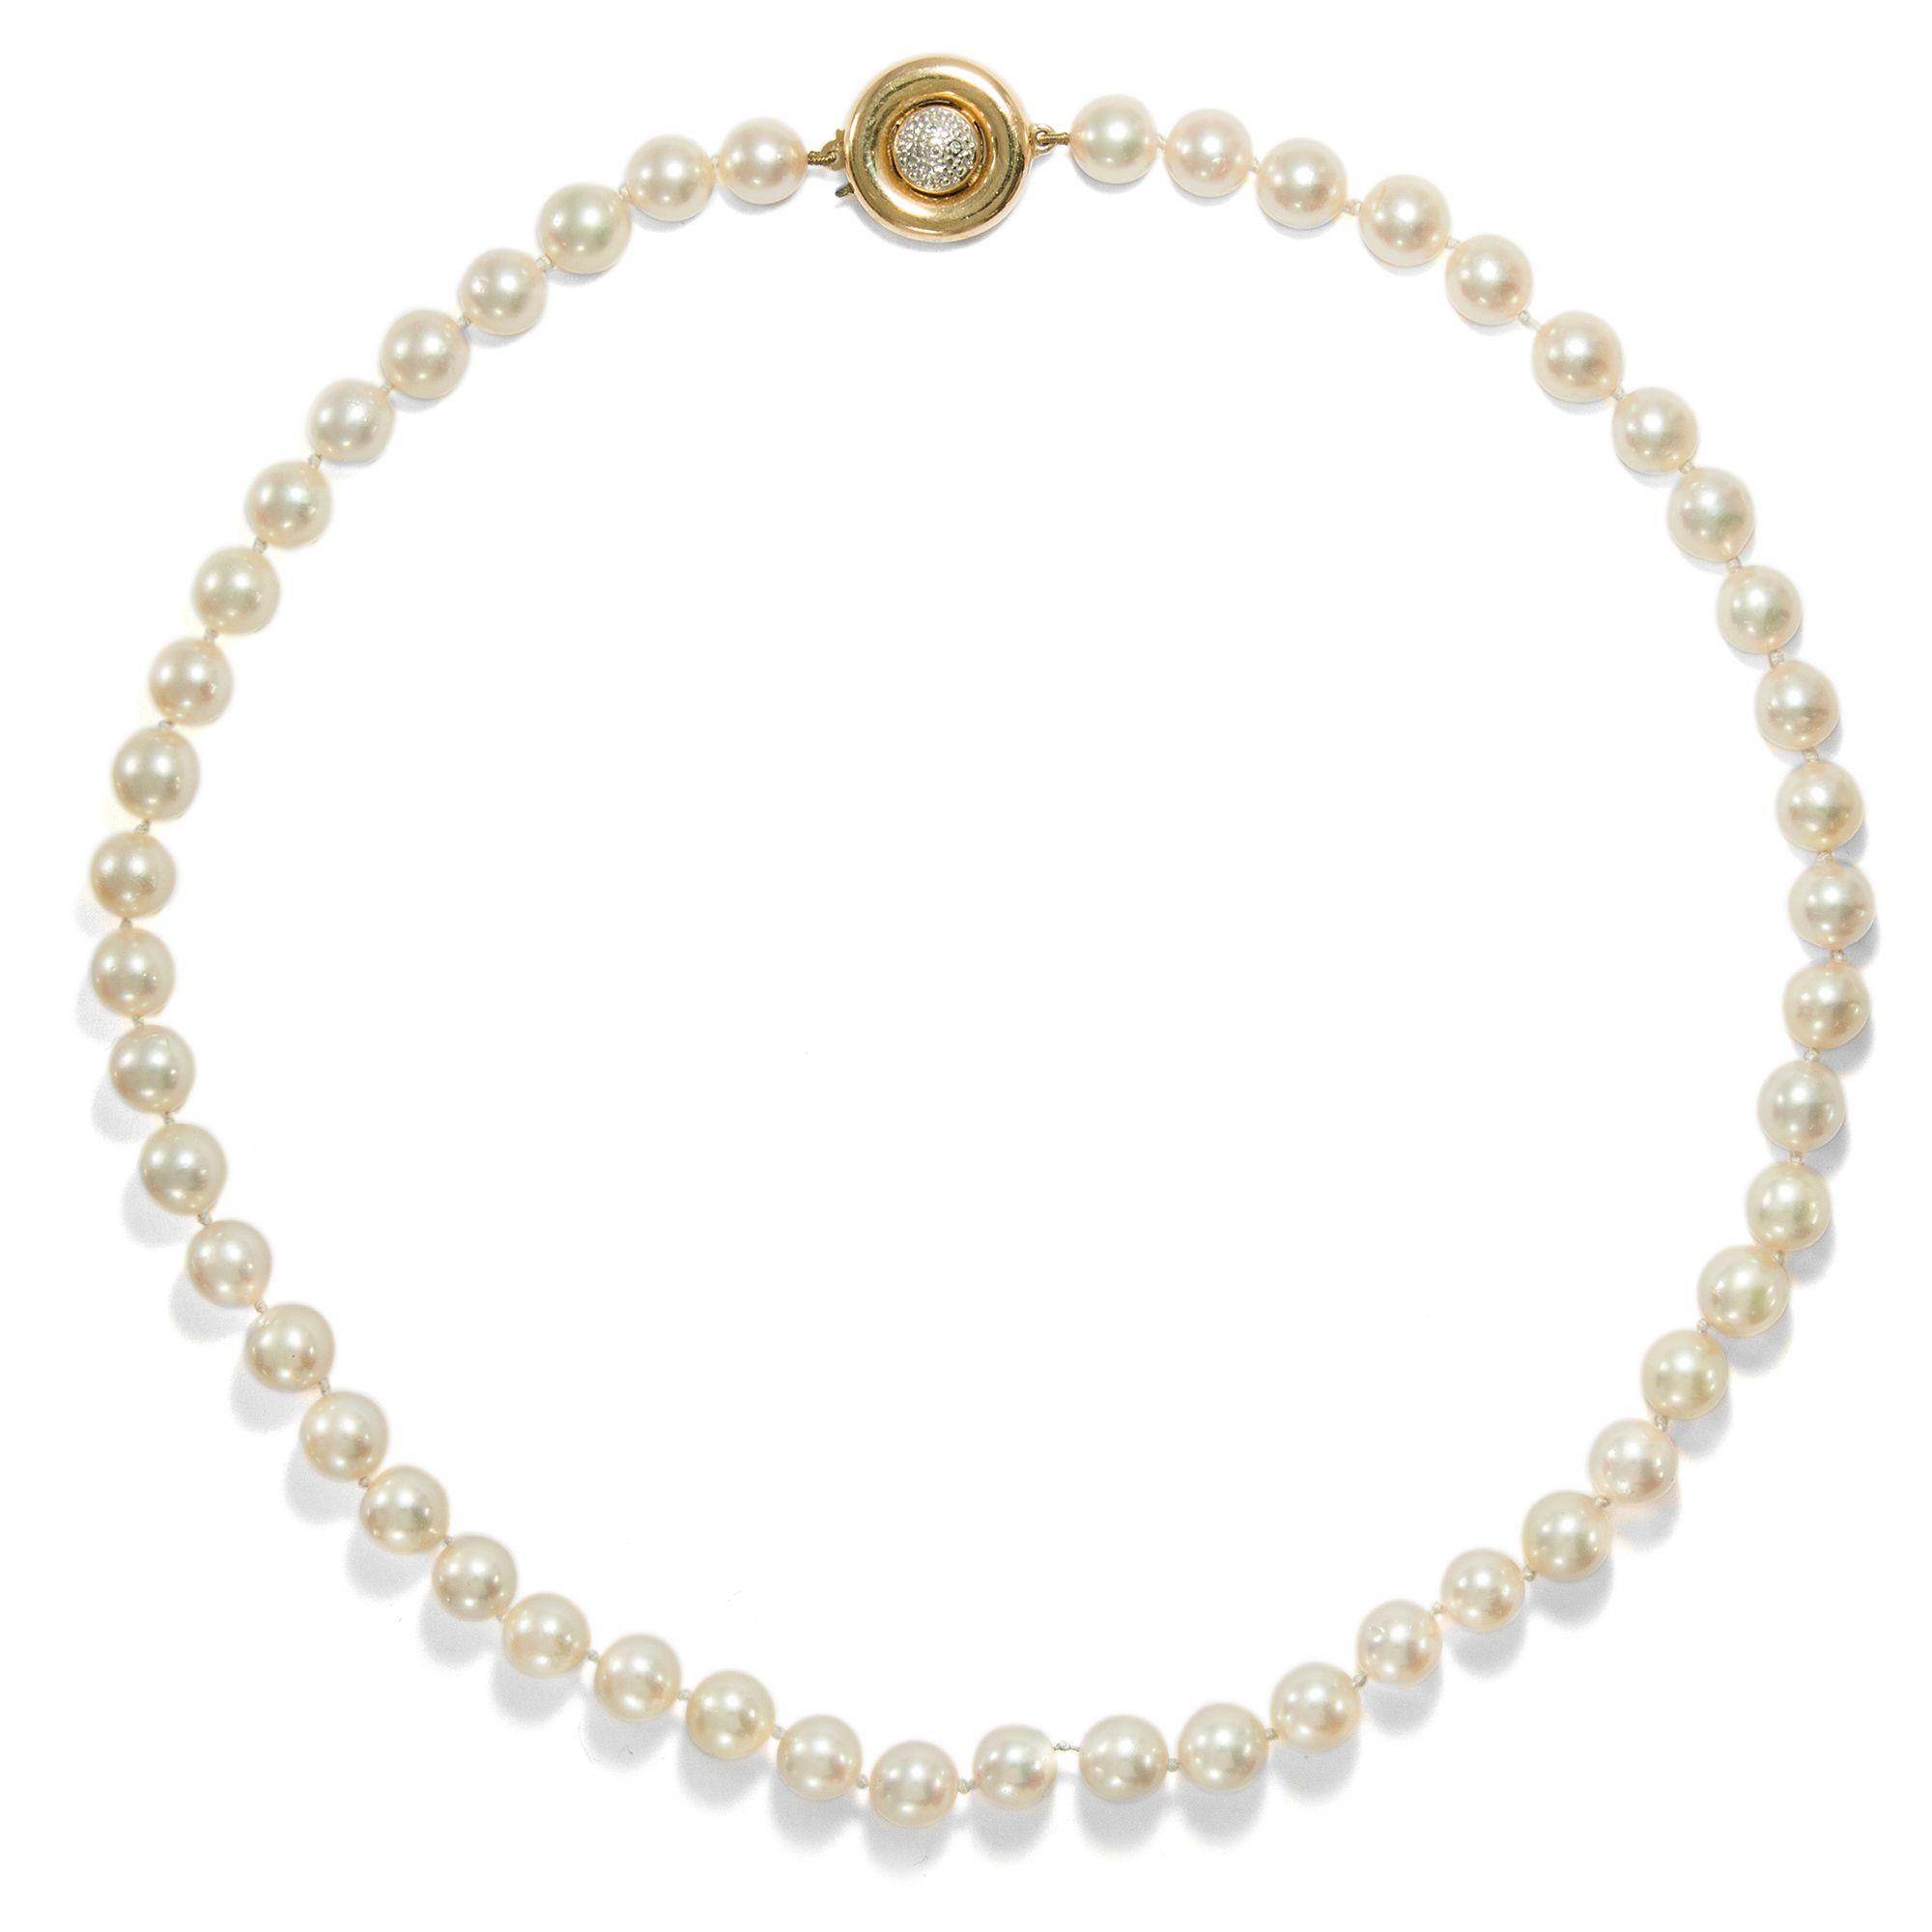 db86e3295a56 Auf zur Matinée - Luxuriöse vintage Perlenkette mit edler Schließe, um 1990  von Hofer Antikschmuck